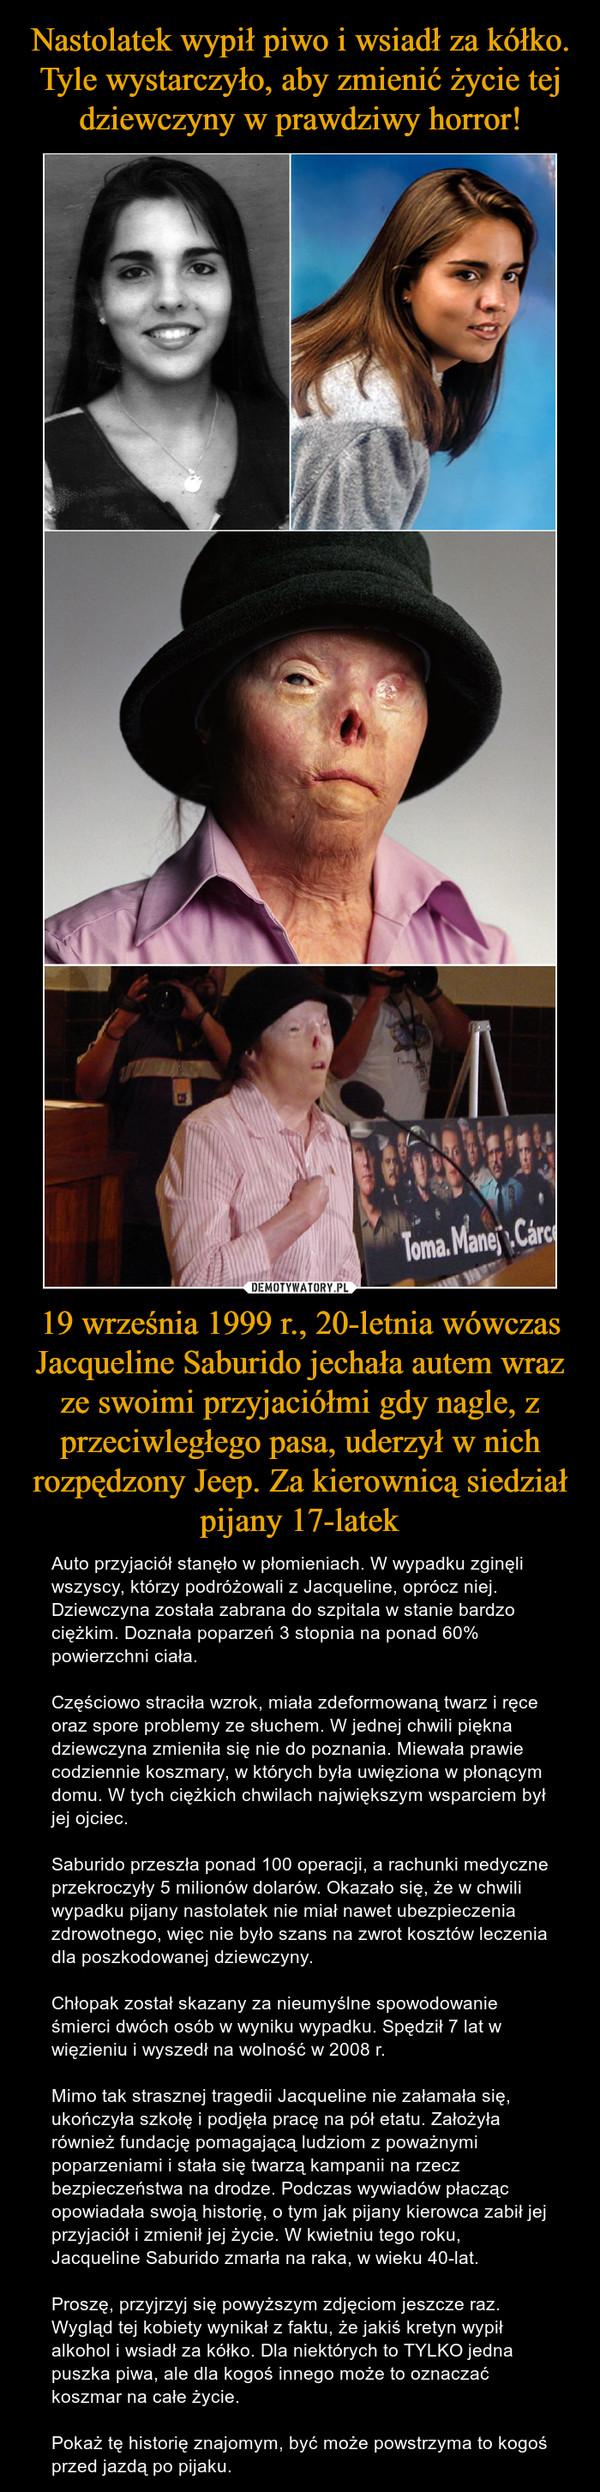 19 września 1999 r., 20-letnia wówczas Jacqueline Saburido jechała autem wraz ze swoimi przyjaciółmi gdy nagle, z przeciwległego pasa, uderzył w nich rozpędzony Jeep. Za kierownicą siedział pijany 17-latek – Auto przyjaciół stanęło w płomieniach. W wypadku zginęli wszyscy, którzy podróżowali z Jacqueline, oprócz niej. Dziewczyna została zabrana do szpitala w stanie bardzo ciężkim. Doznała poparzeń 3 stopnia na ponad 60% powierzchni ciała.Częściowo straciła wzrok, miała zdeformowaną twarz i ręce oraz spore problemy ze słuchem. W jednej chwili piękna dziewczyna zmieniła się nie do poznania. Miewała prawie codziennie koszmary, w których była uwięziona w płonącym domu. W tych ciężkich chwilach największym wsparciem był jej ojciec.Saburido przeszła ponad 100 operacji, a rachunki medyczne przekroczyły 5 milionów dolarów. Okazało się, że w chwili wypadku pijany nastolatek nie miał nawet ubezpieczenia zdrowotnego, więc nie było szans na zwrot kosztów leczenia dla poszkodowanej dziewczyny.Chłopak został skazany za nieumyślne spowodowanie śmierci dwóch osób w wyniku wypadku. Spędził 7 lat w więzieniu i wyszedł na wolność w 2008 r.Mimo tak strasznej tragedii Jacqueline nie załamała się, ukończyła szkołę i podjęła pracę na pół etatu. Założyła również fundację pomagającą ludziom z poważnymi poparzeniami i stała się twarzą kampanii na rzecz bezpieczeństwa na drodze. Podczas wywiadów płacząc opowiadała swoją historię, o tym jak pijany kierowca zabił jej przyjaciół i zmienił jej życie. W kwietniu tego roku, Jacqueline Saburido zmarła na raka, w wieku 40-lat.Proszę, przyjrzyj się powyższym zdjęciom jeszcze raz. Wygląd tej kobiety wynikał z faktu, że jakiś kretyn wypił alkohol i wsiadł za kółko. Dla niektórych to TYLKO jedna puszka piwa, ale dla kogoś innego może to oznaczać koszmar na całe życie.Pokaż tę historię znajomym, być może powstrzyma to kogoś przed jazdą po pijaku.